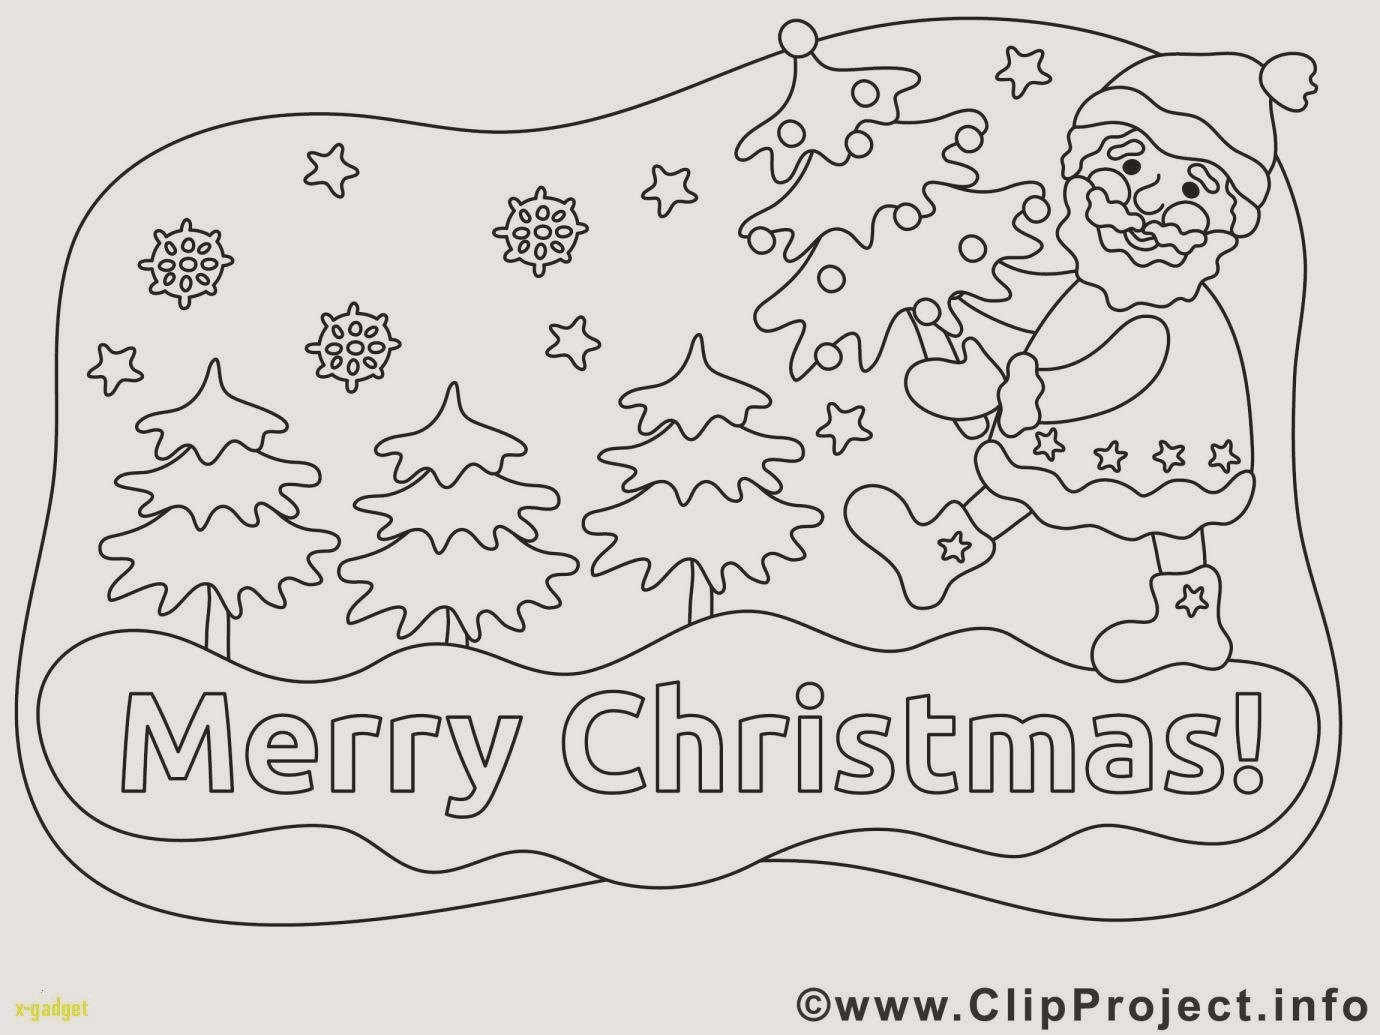 Malvorlagen Bilder Weihnachten Neu 30 Frisch Ausmalbilder Weihnachten Geschenke Ausdrucken Bilder